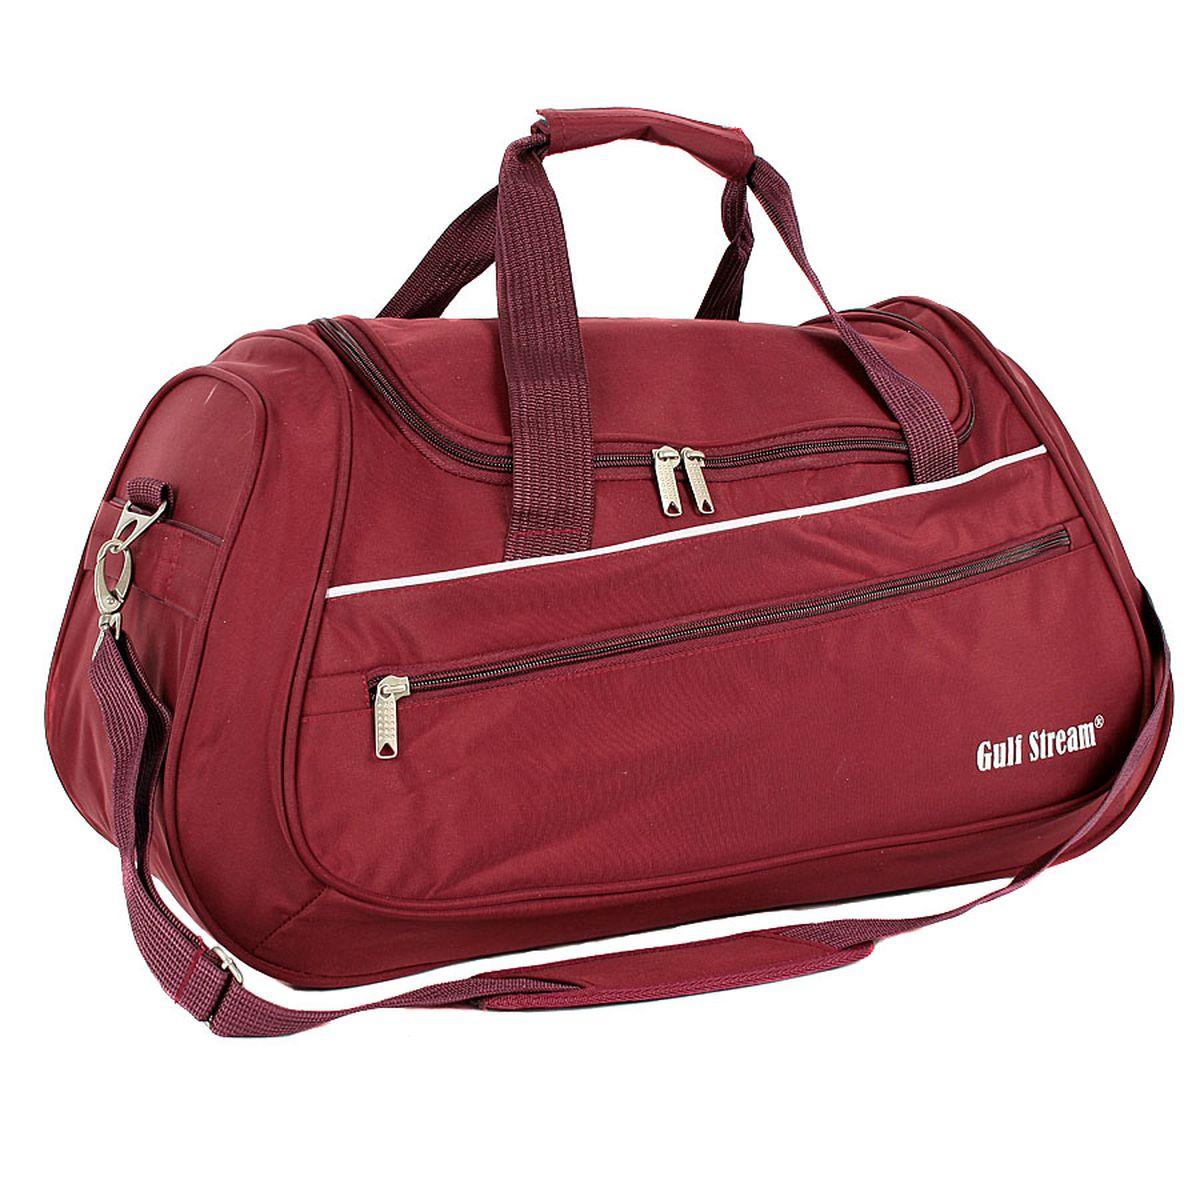 Сумка спортивная Polar, цвет: бордовый, 46,5 л. 5986 сумка дорожная polar цвет бордовый 46 5 л 7049 2